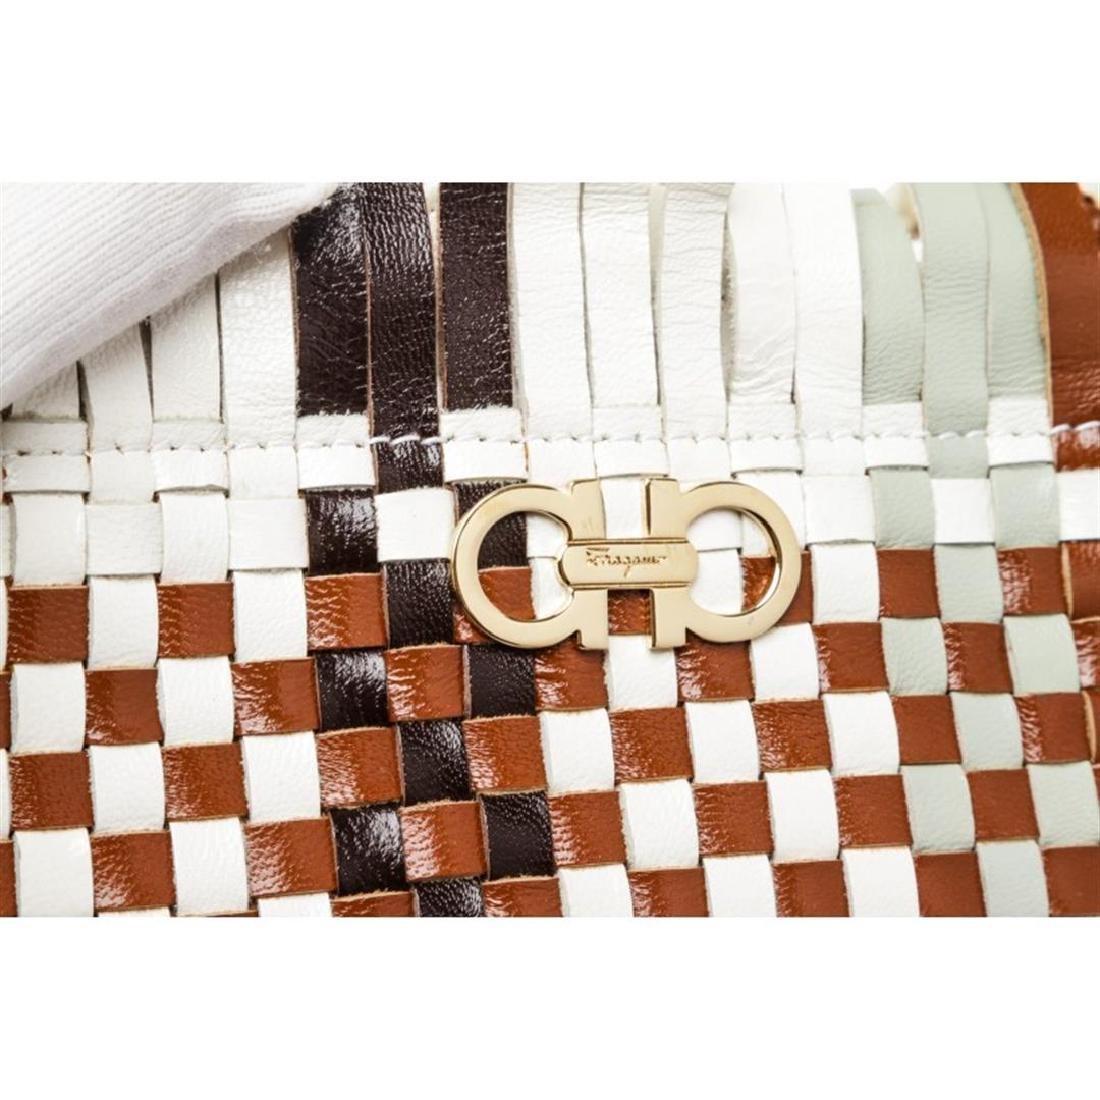 Salvatore Ferragamo Brown Multicolor Woven Leather - 5